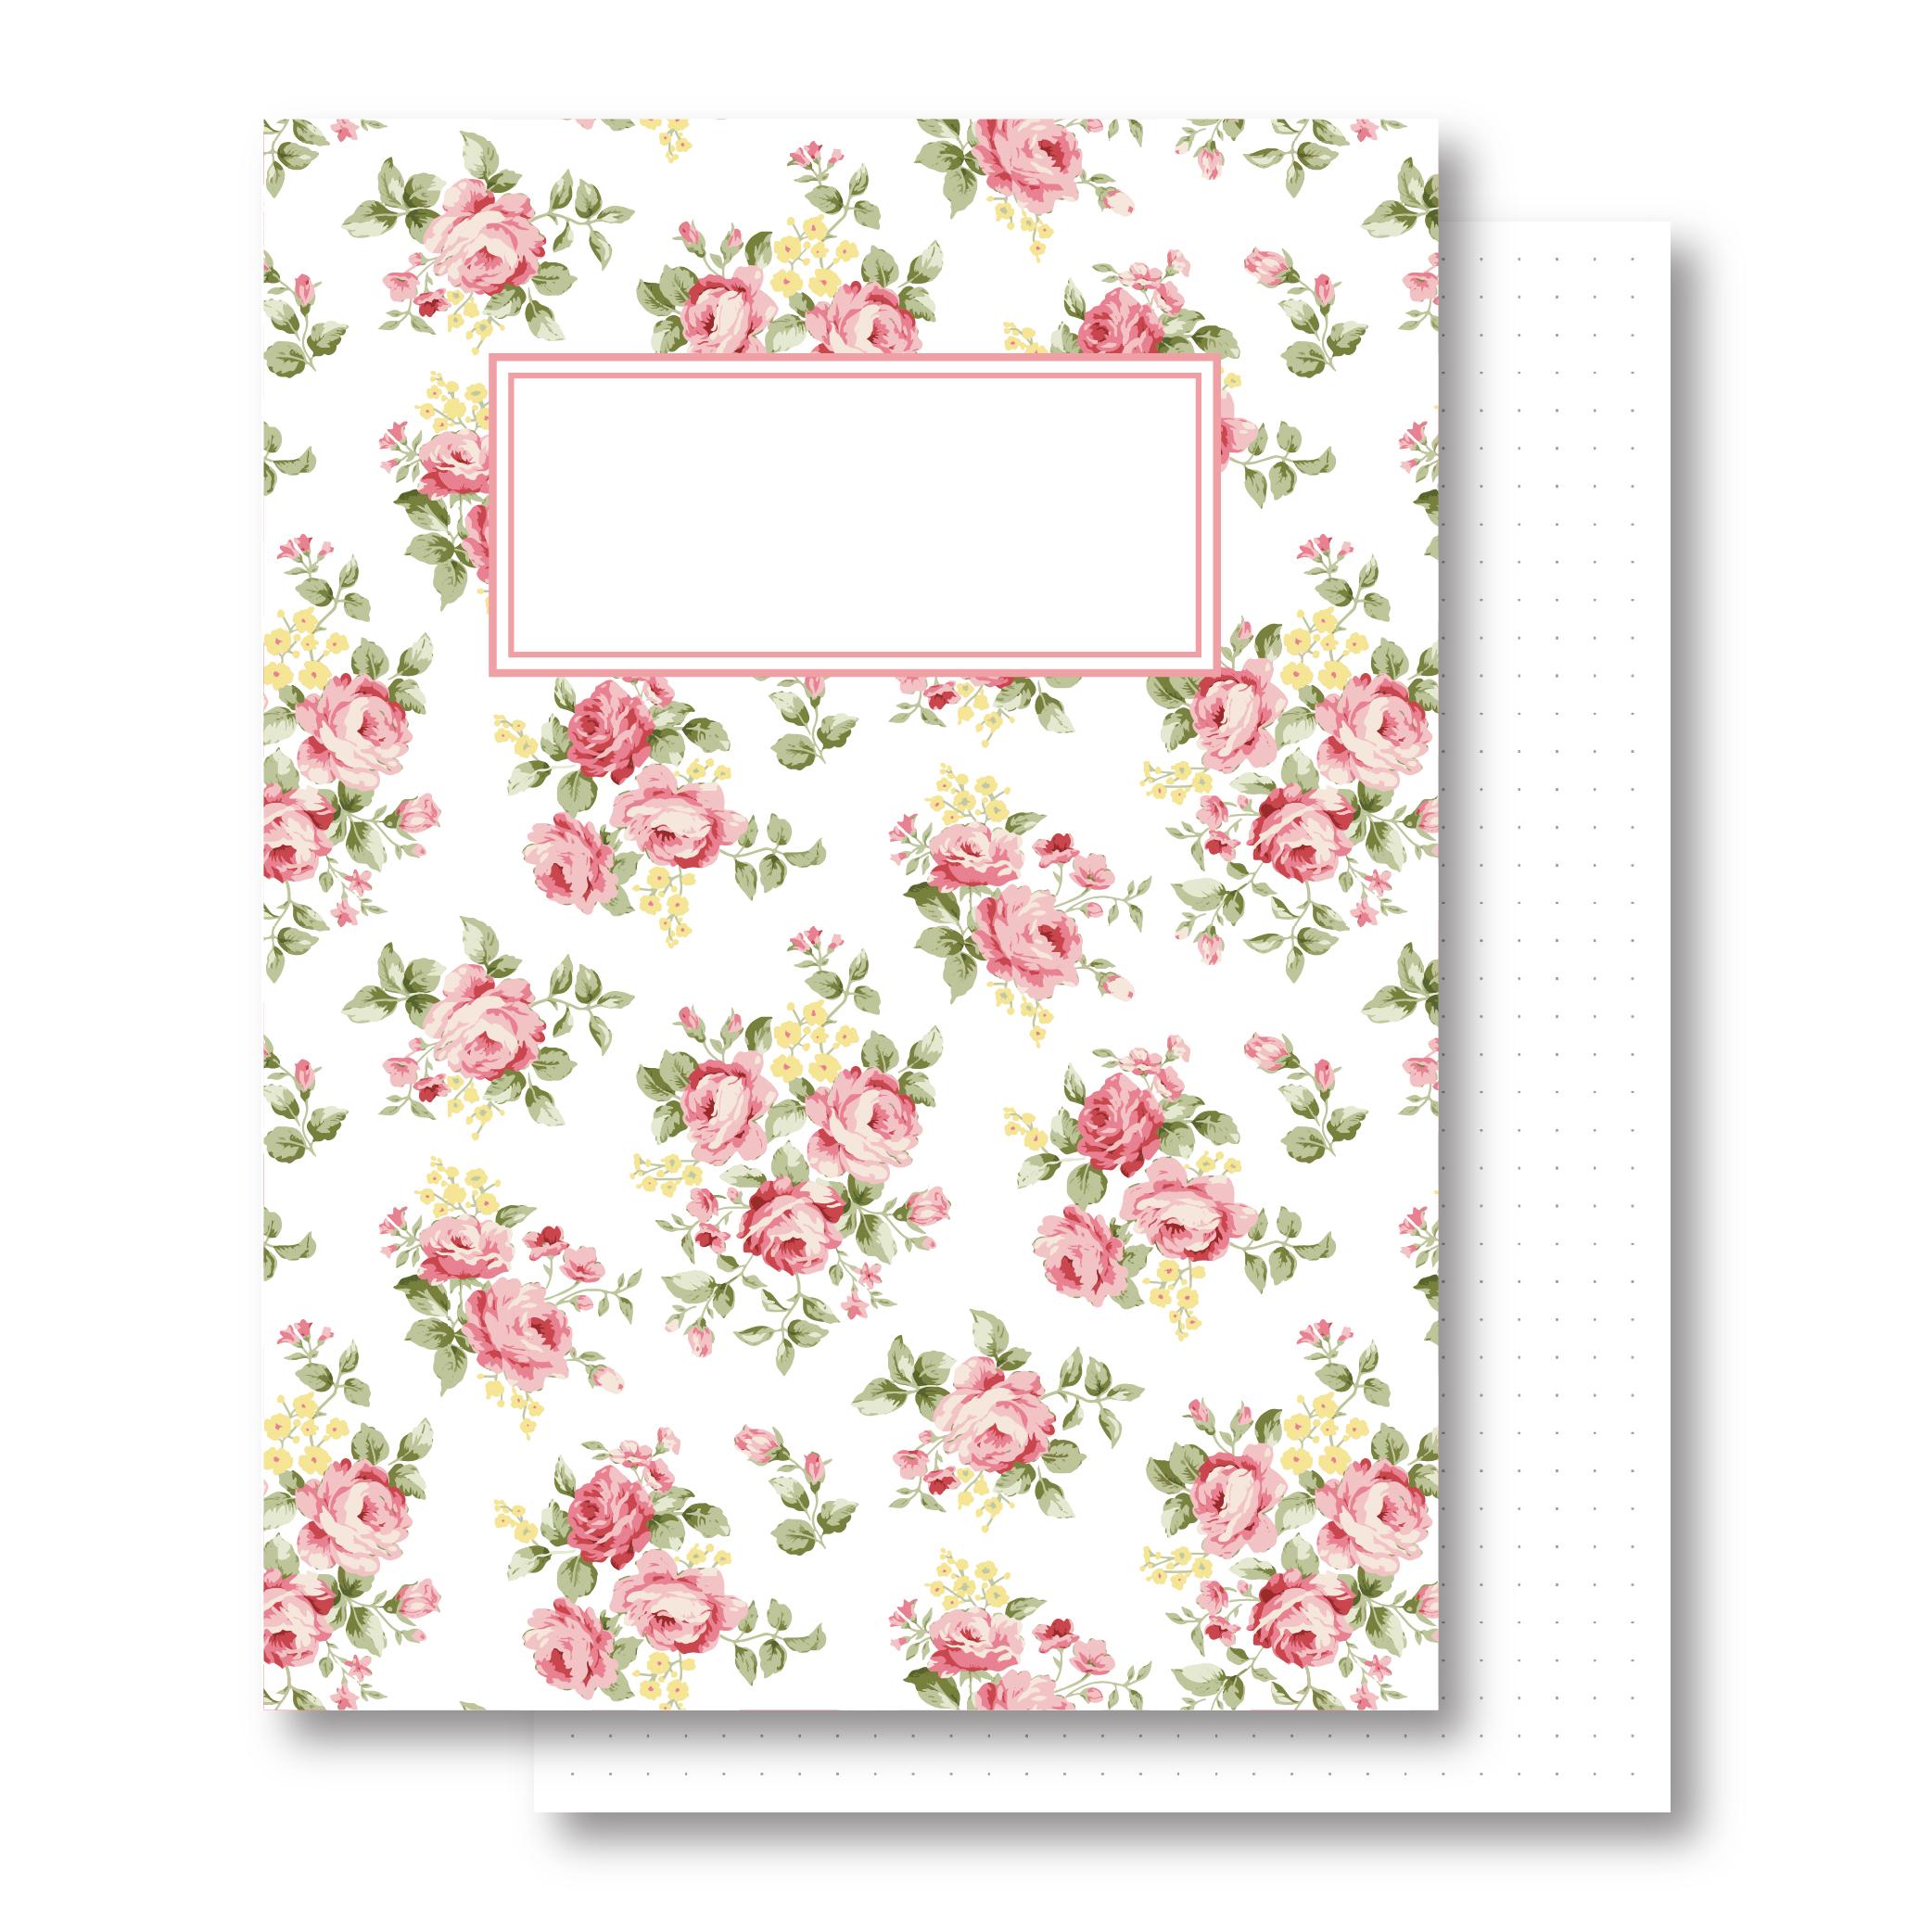 מחברת כריכה קשה - ורדים - דפים מנוקדים